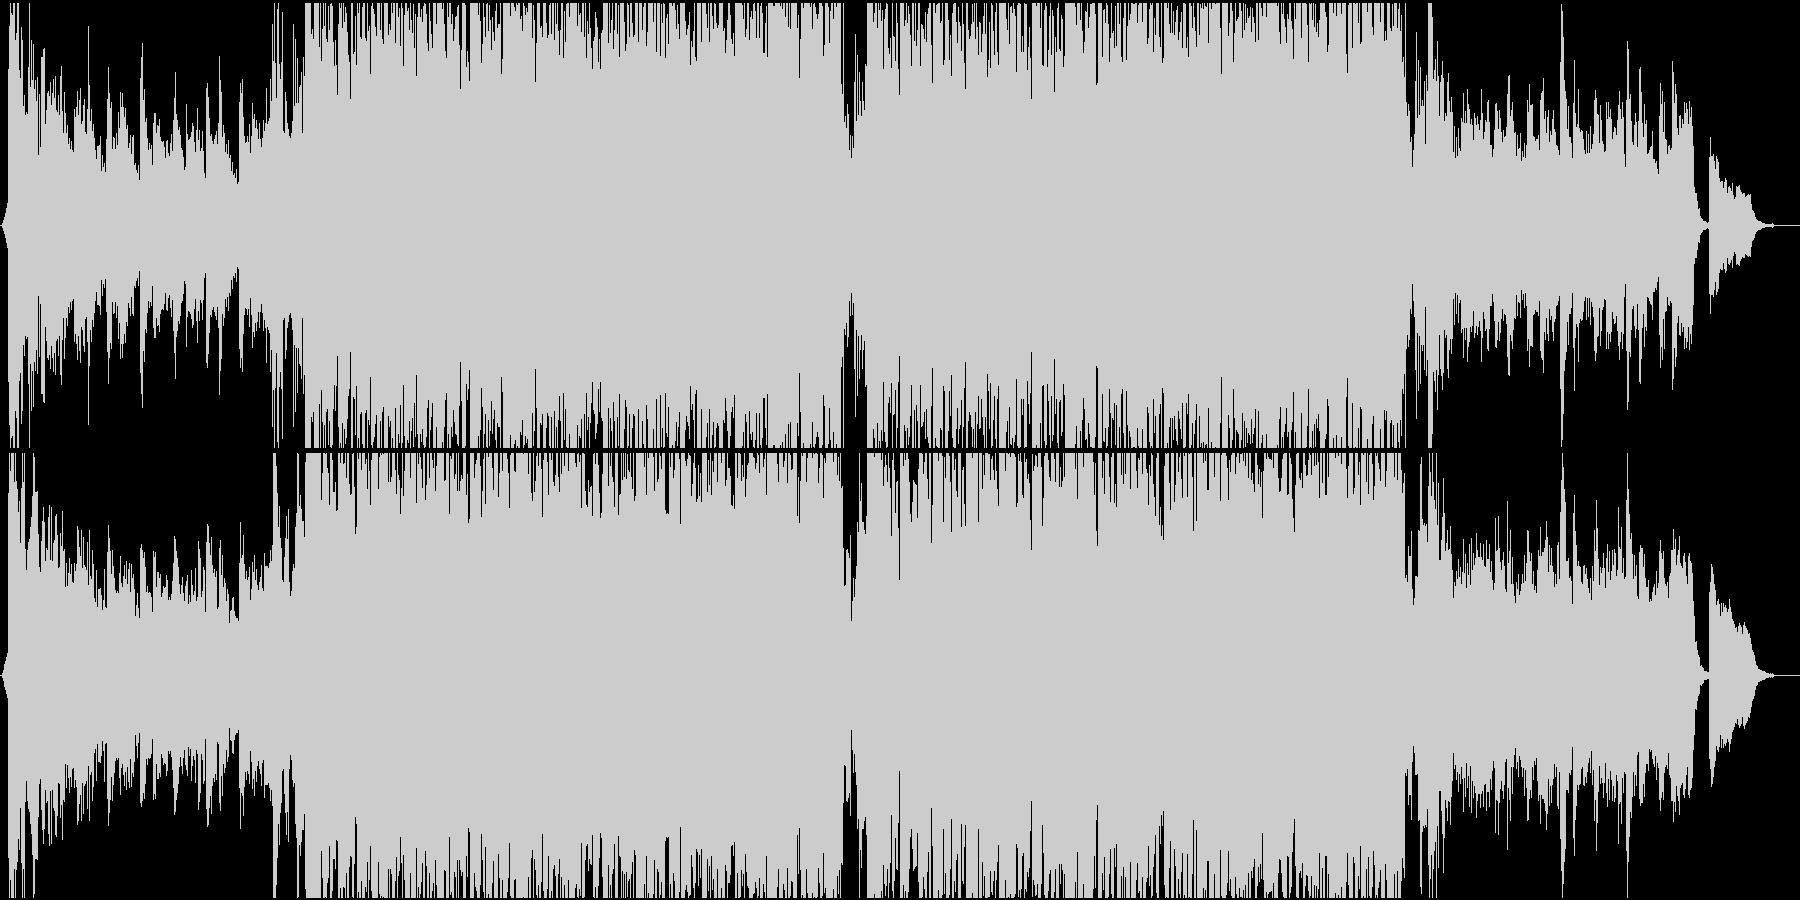 トレイラー風オーケストラ曲メロディックの未再生の波形